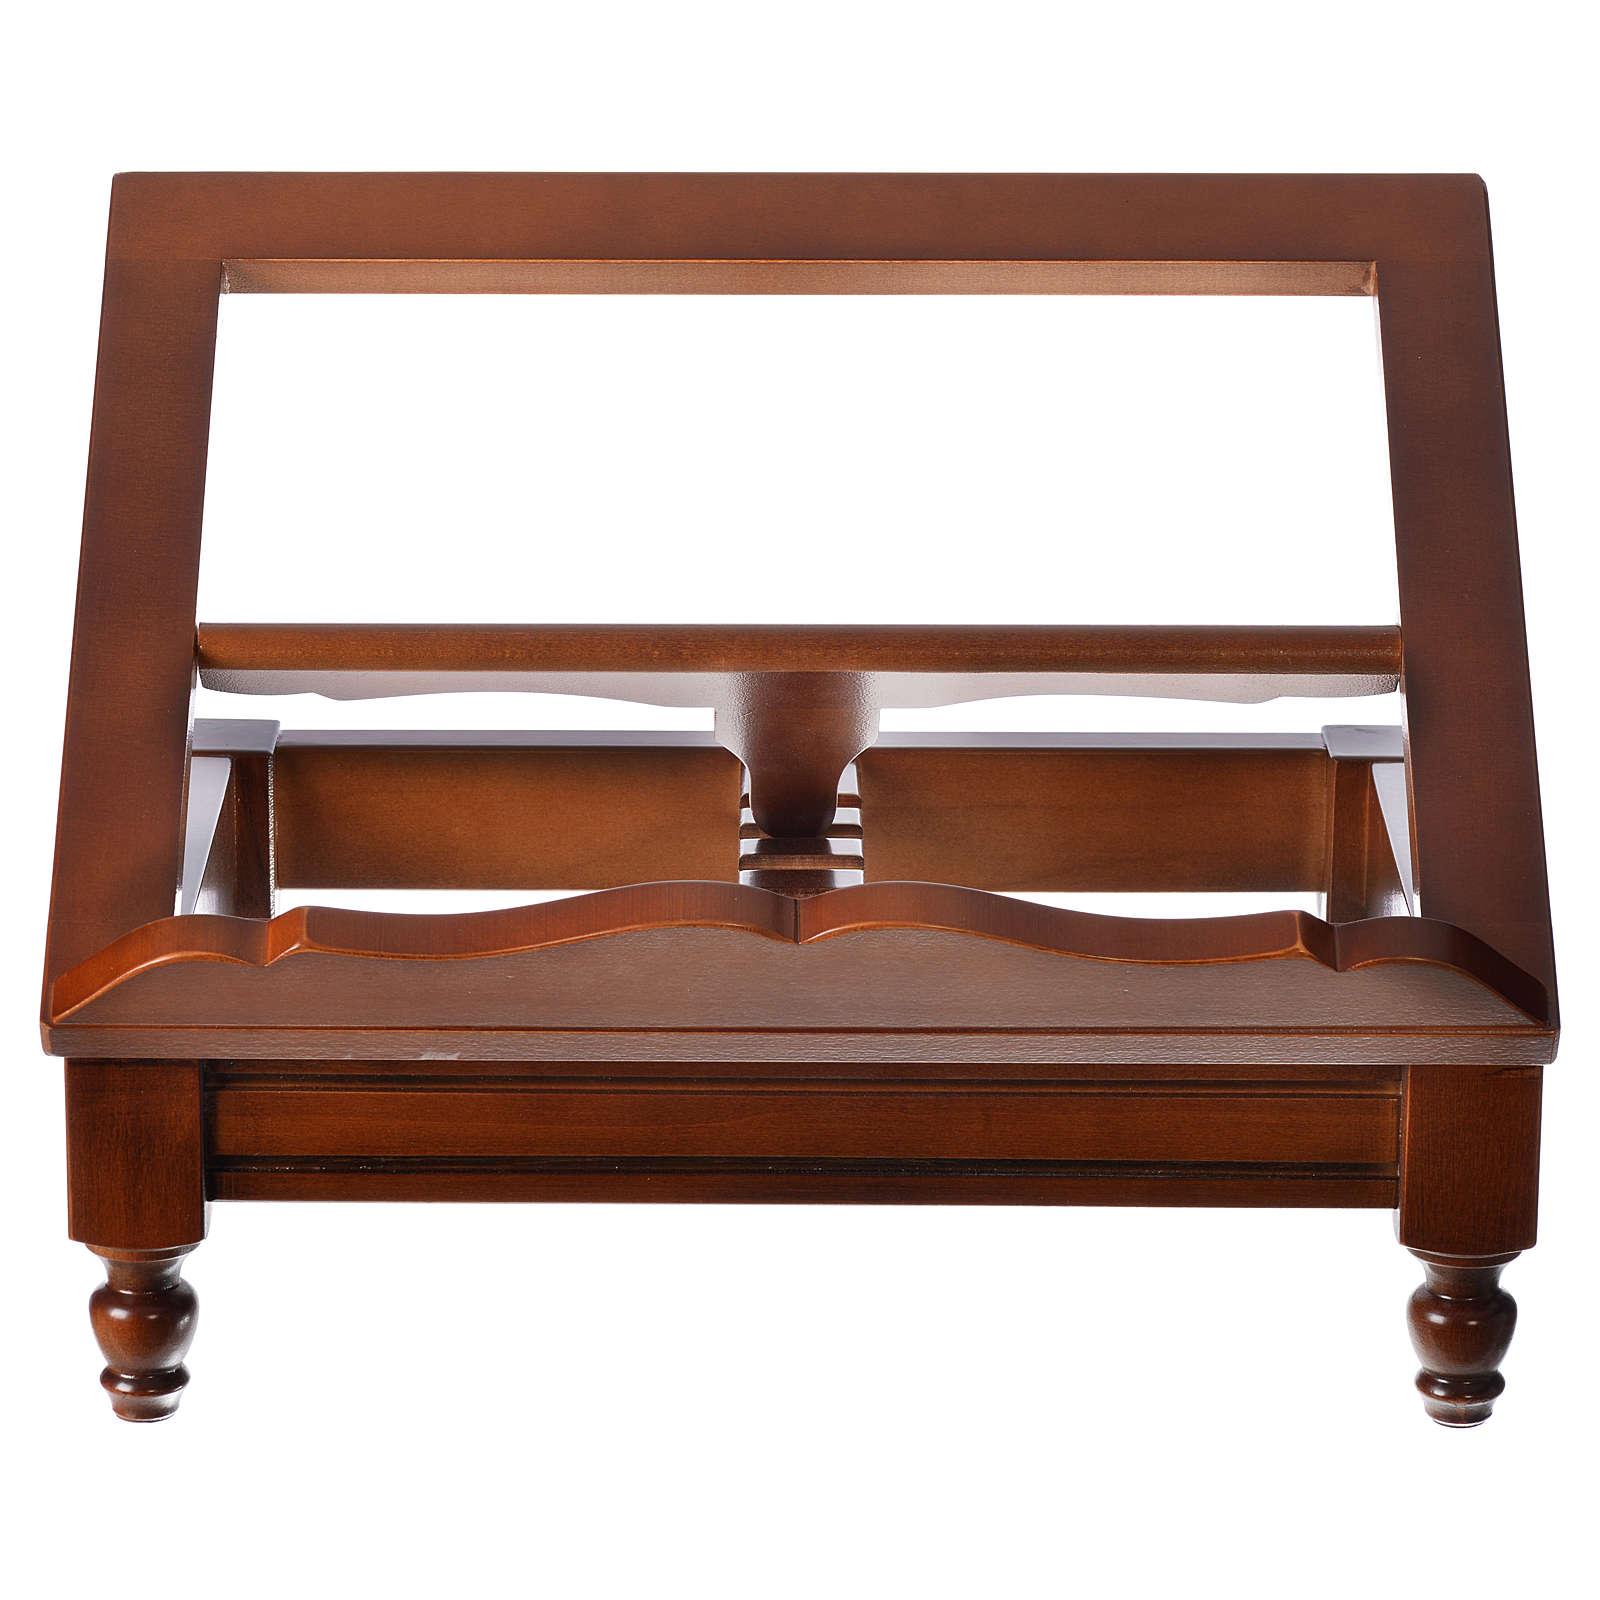 Tischpult Nussbaumholz klassischen Stil 4